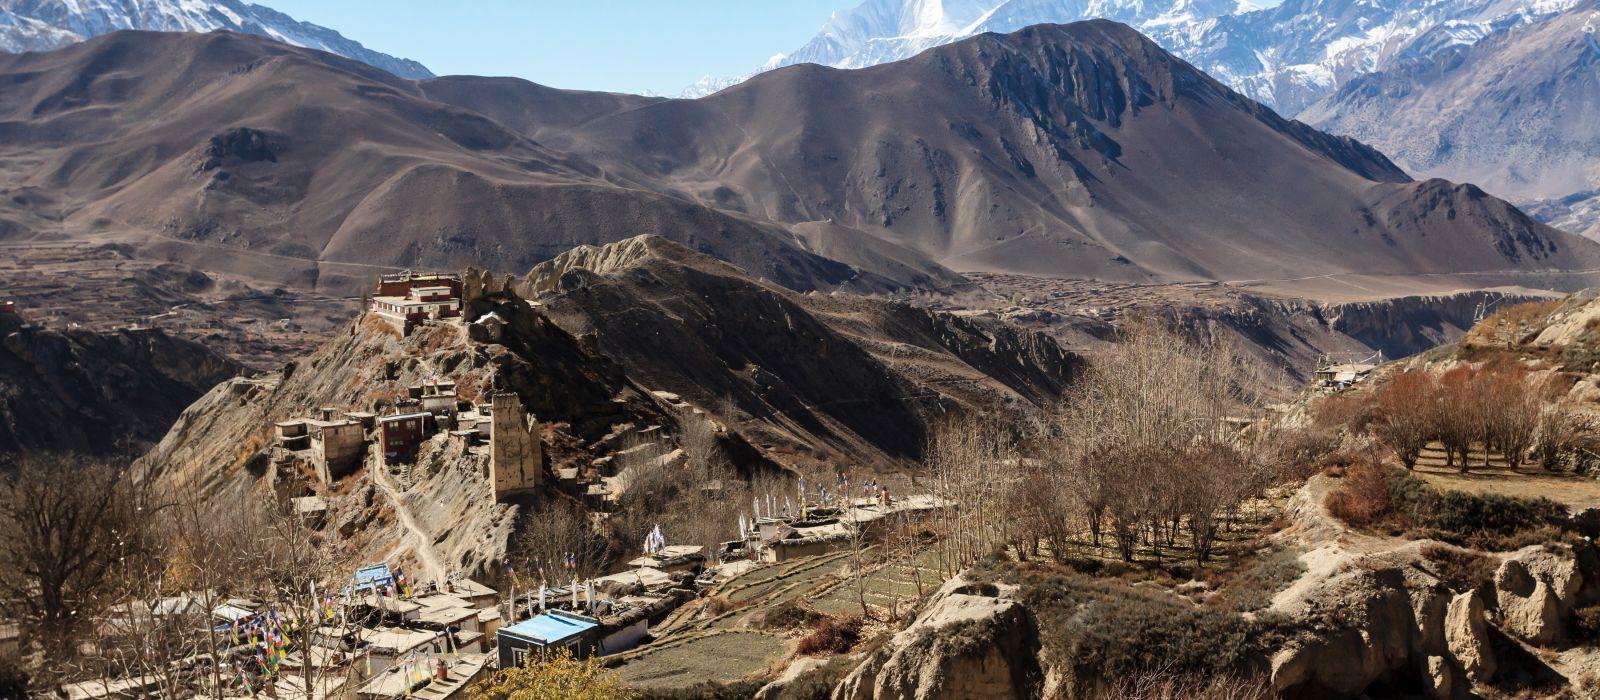 Asiatisches Bergdorf und Terrassenfelder im Herbst in Lower Mustang, Nepal, Himalaya, Annapurna Naturschutzgebiet